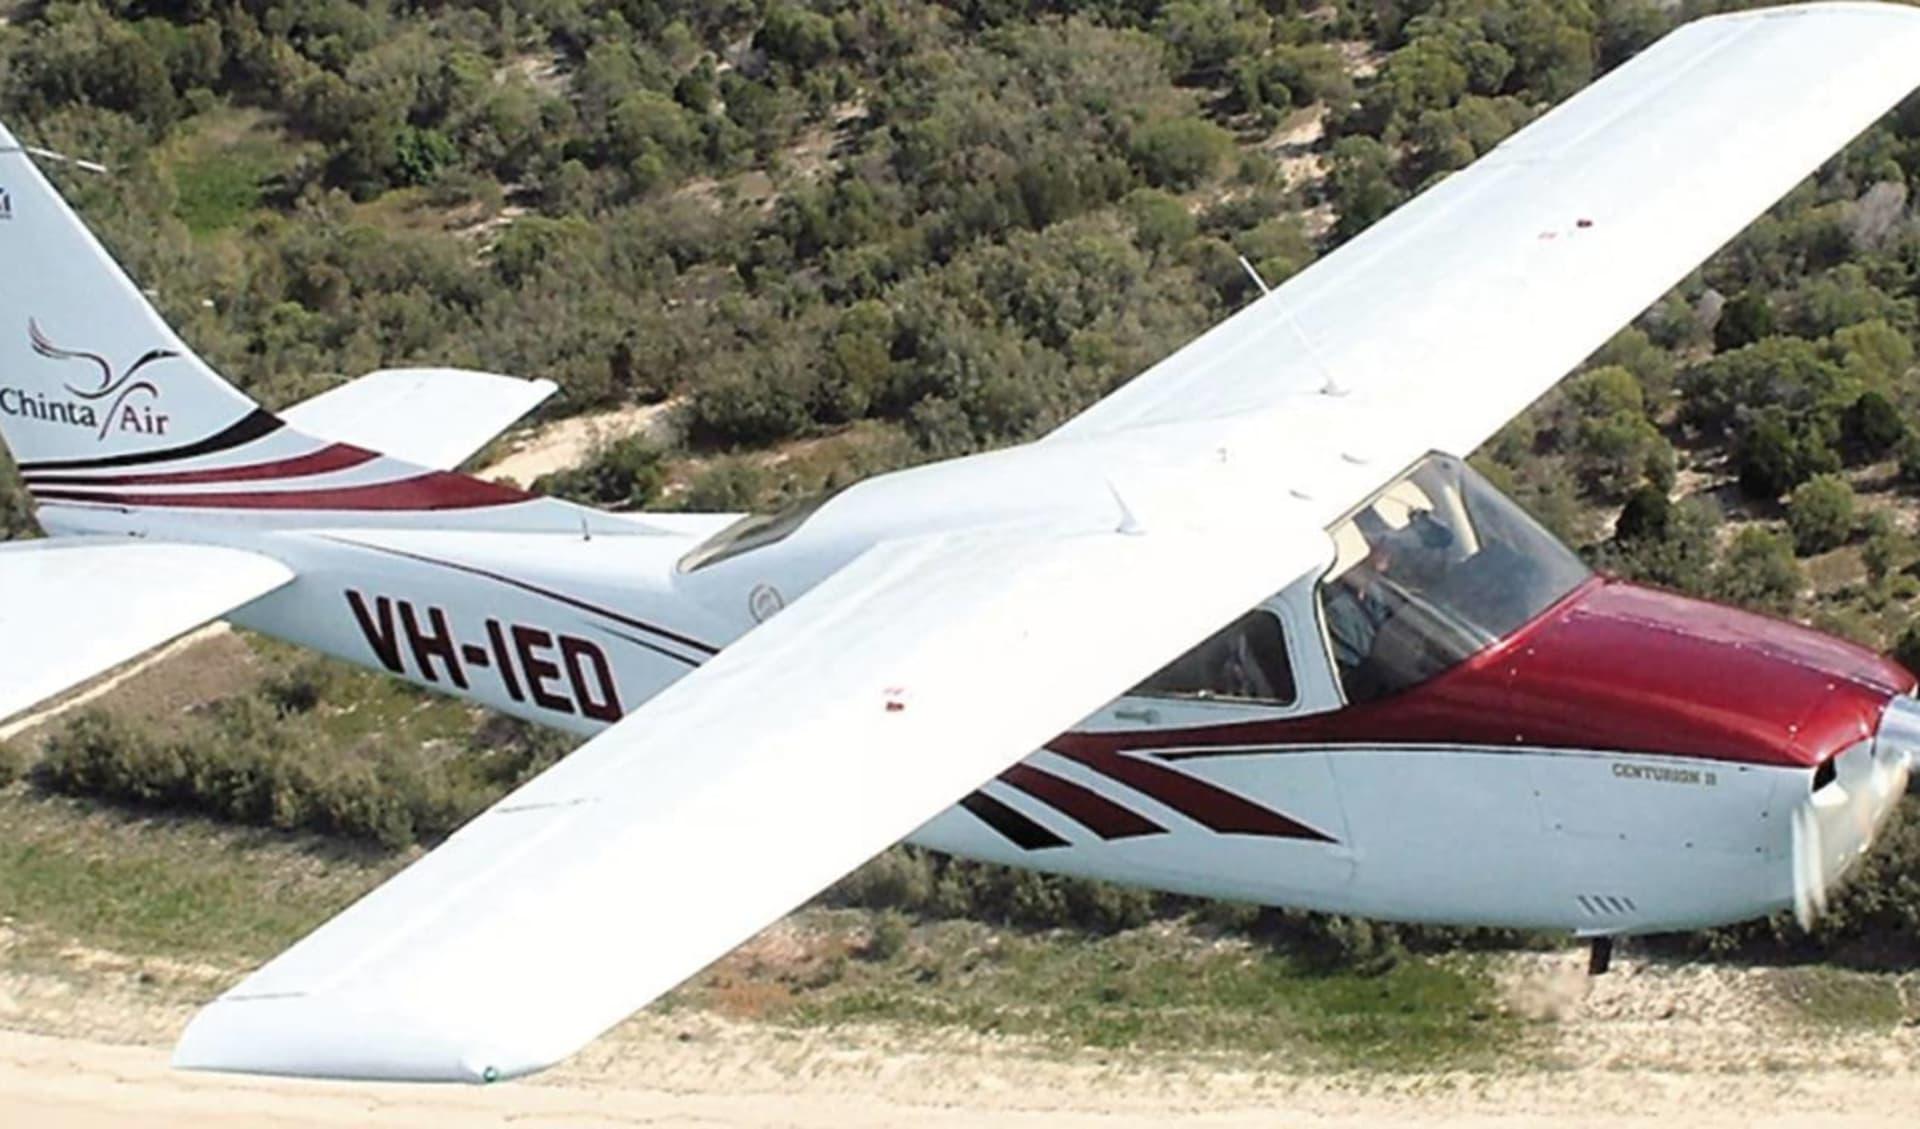 Highlights des Westens ab Perth: Chinta Air